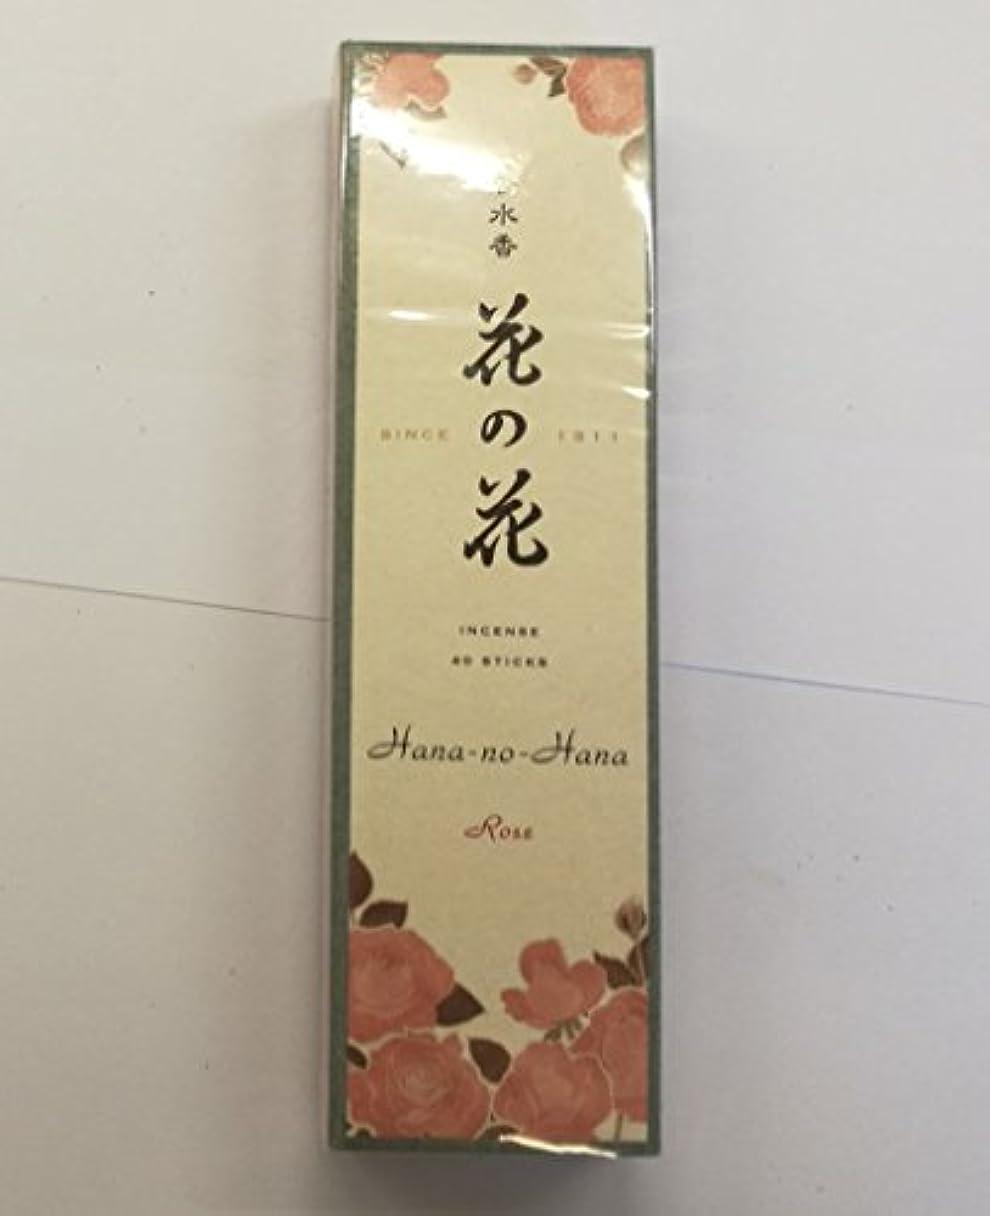 アルコーブ襟音お香 香水香花の花 ばら 長寸40本入(30005)